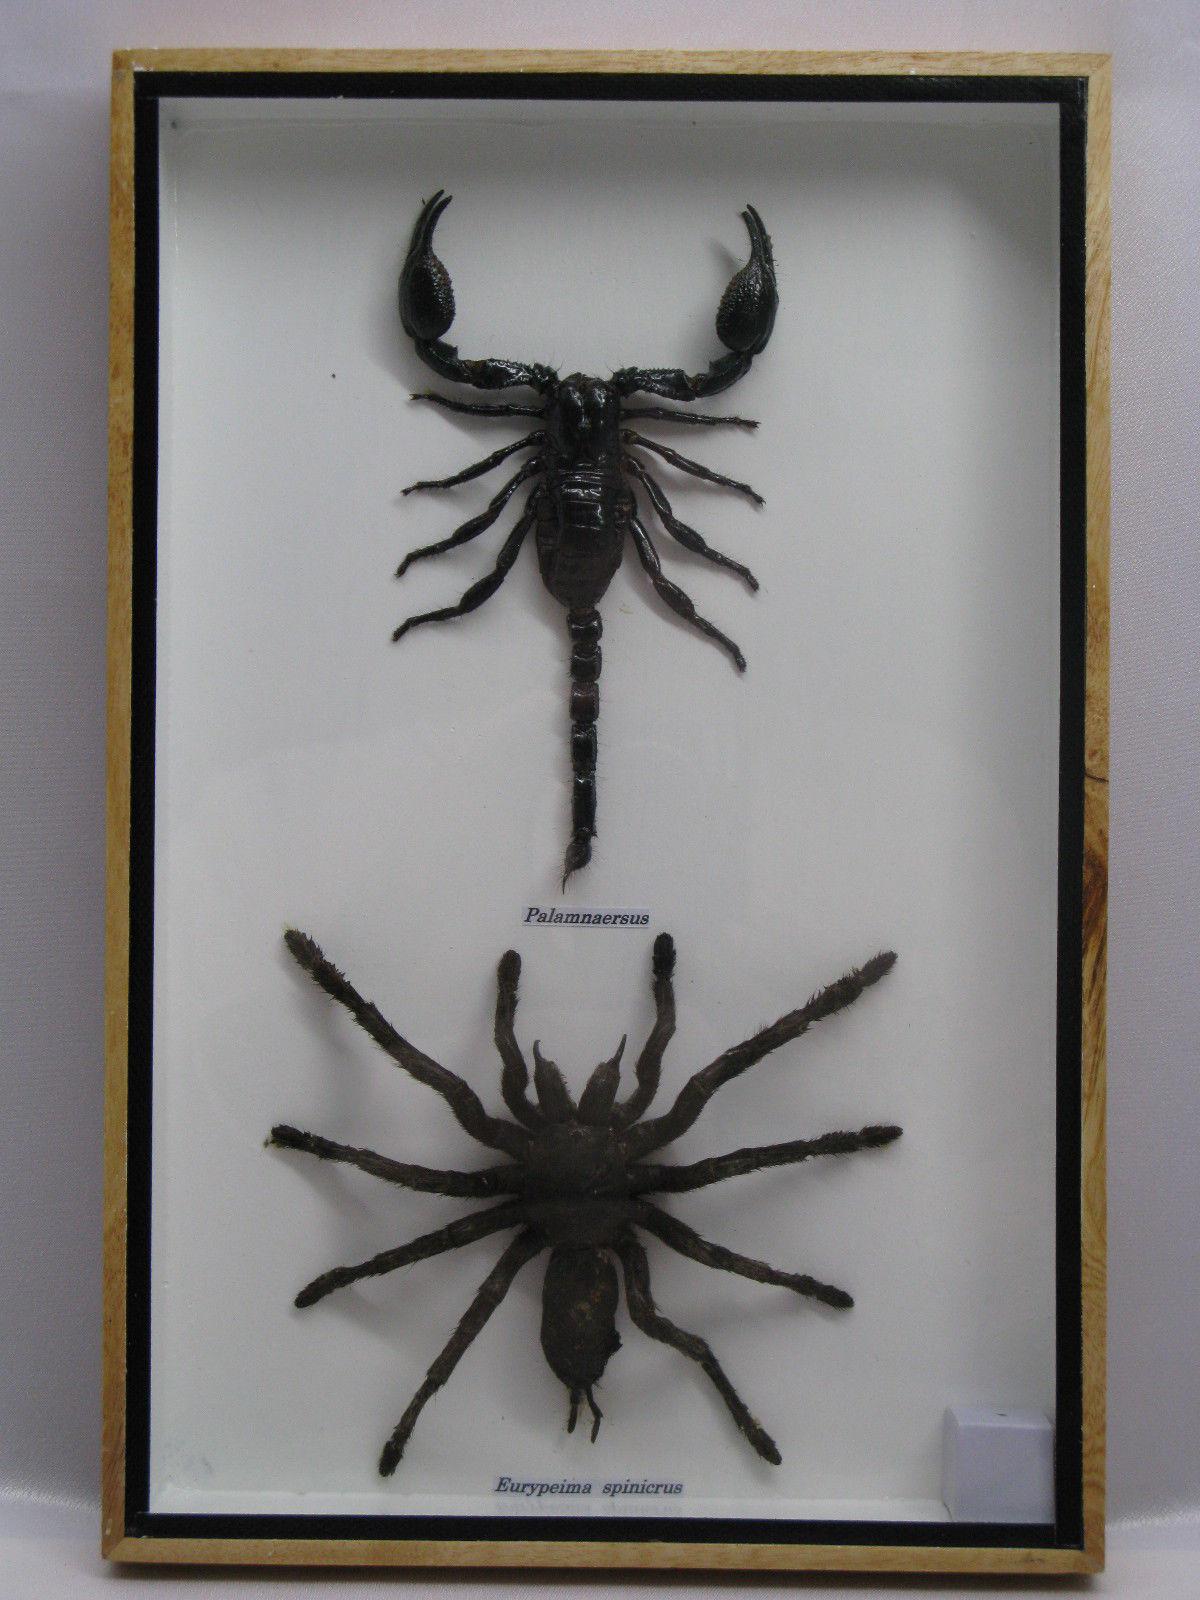 Präparierte Insekten